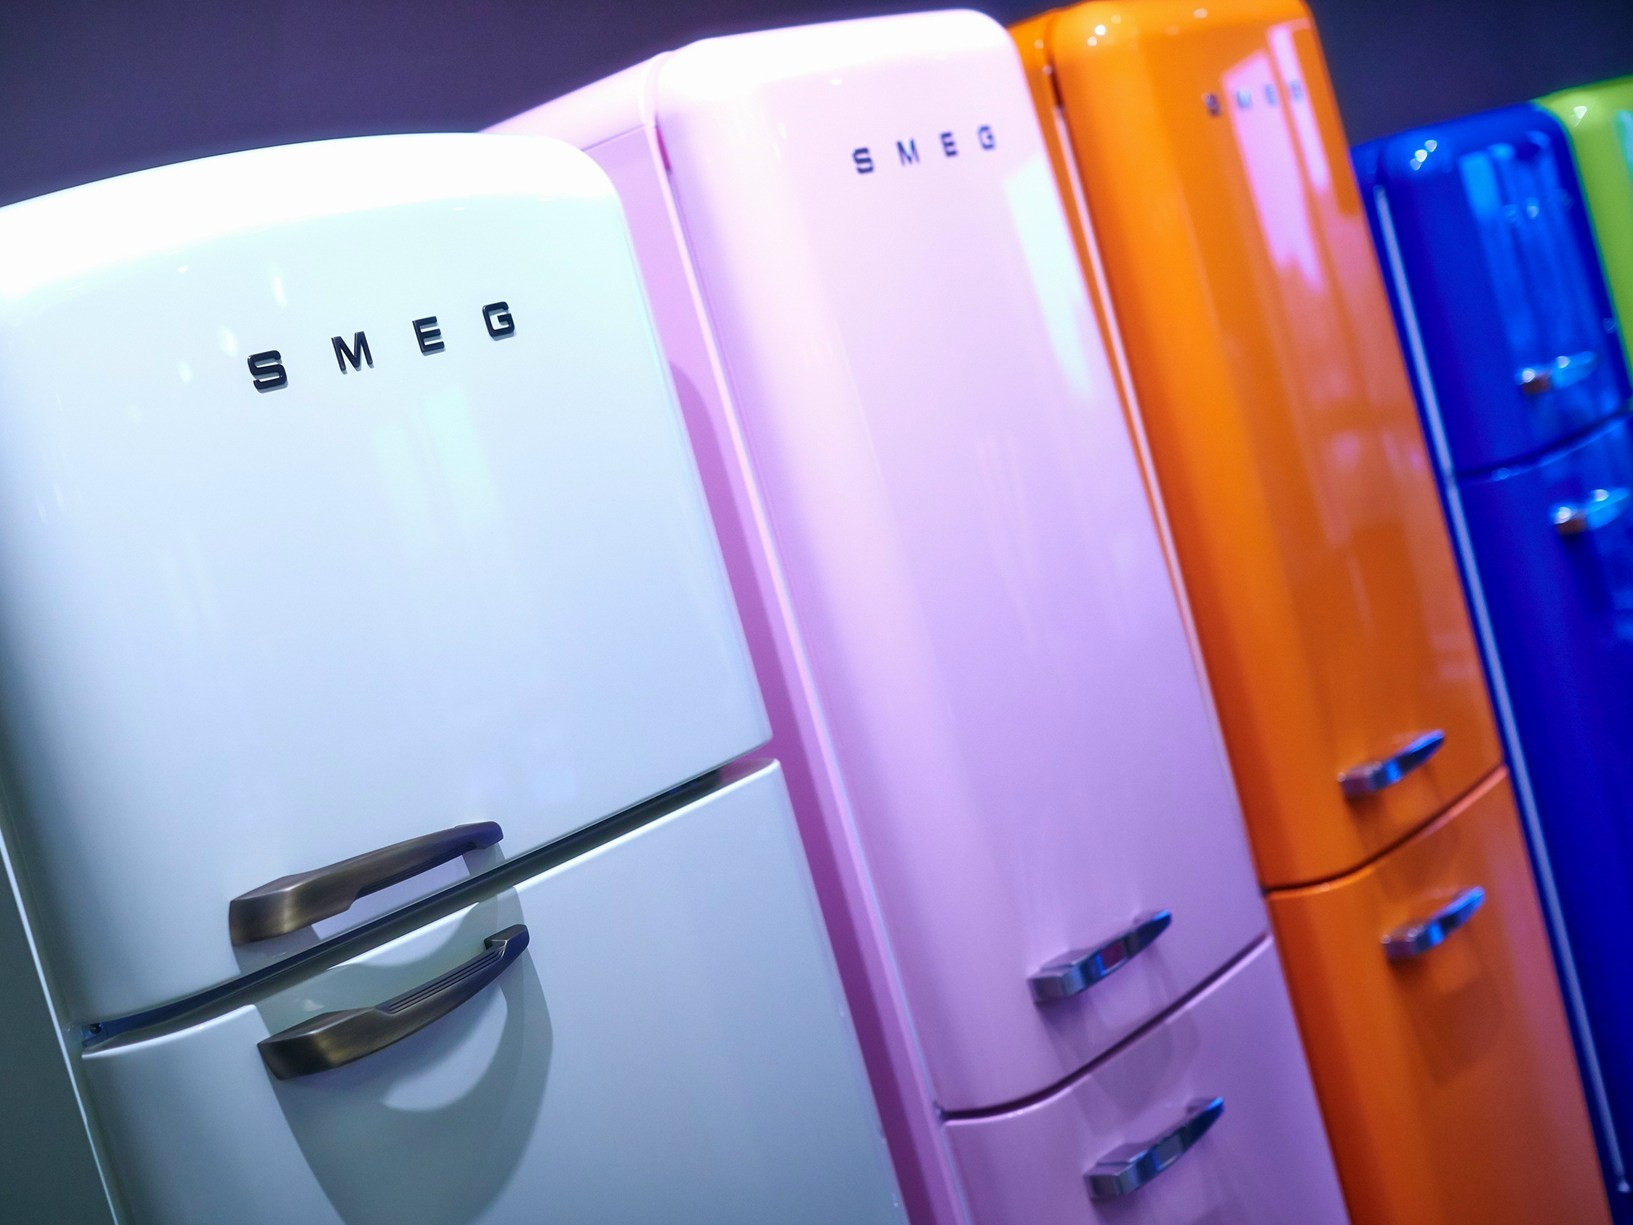 Frigorifero Americano Anni 50 frigoriferi colorati anni '50 smeg - saem elettrodomestici